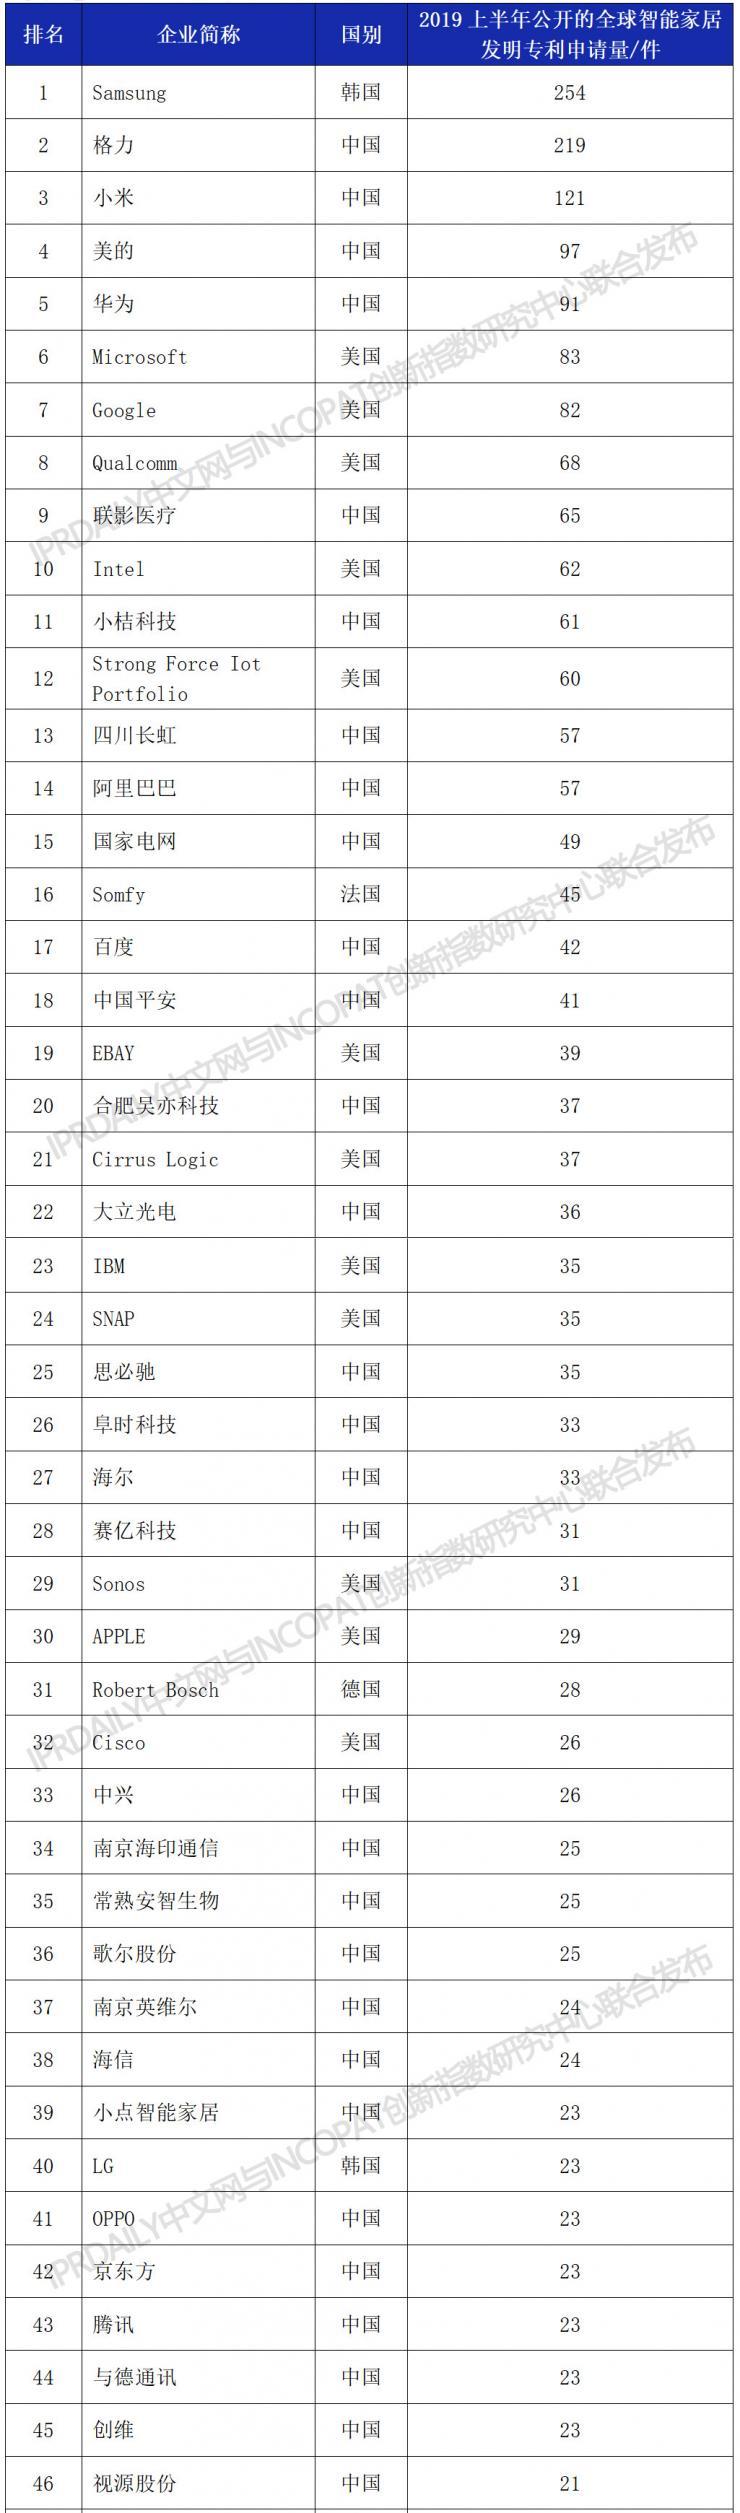 全球智能家居专利最新排行榜:格力第二,小米第三